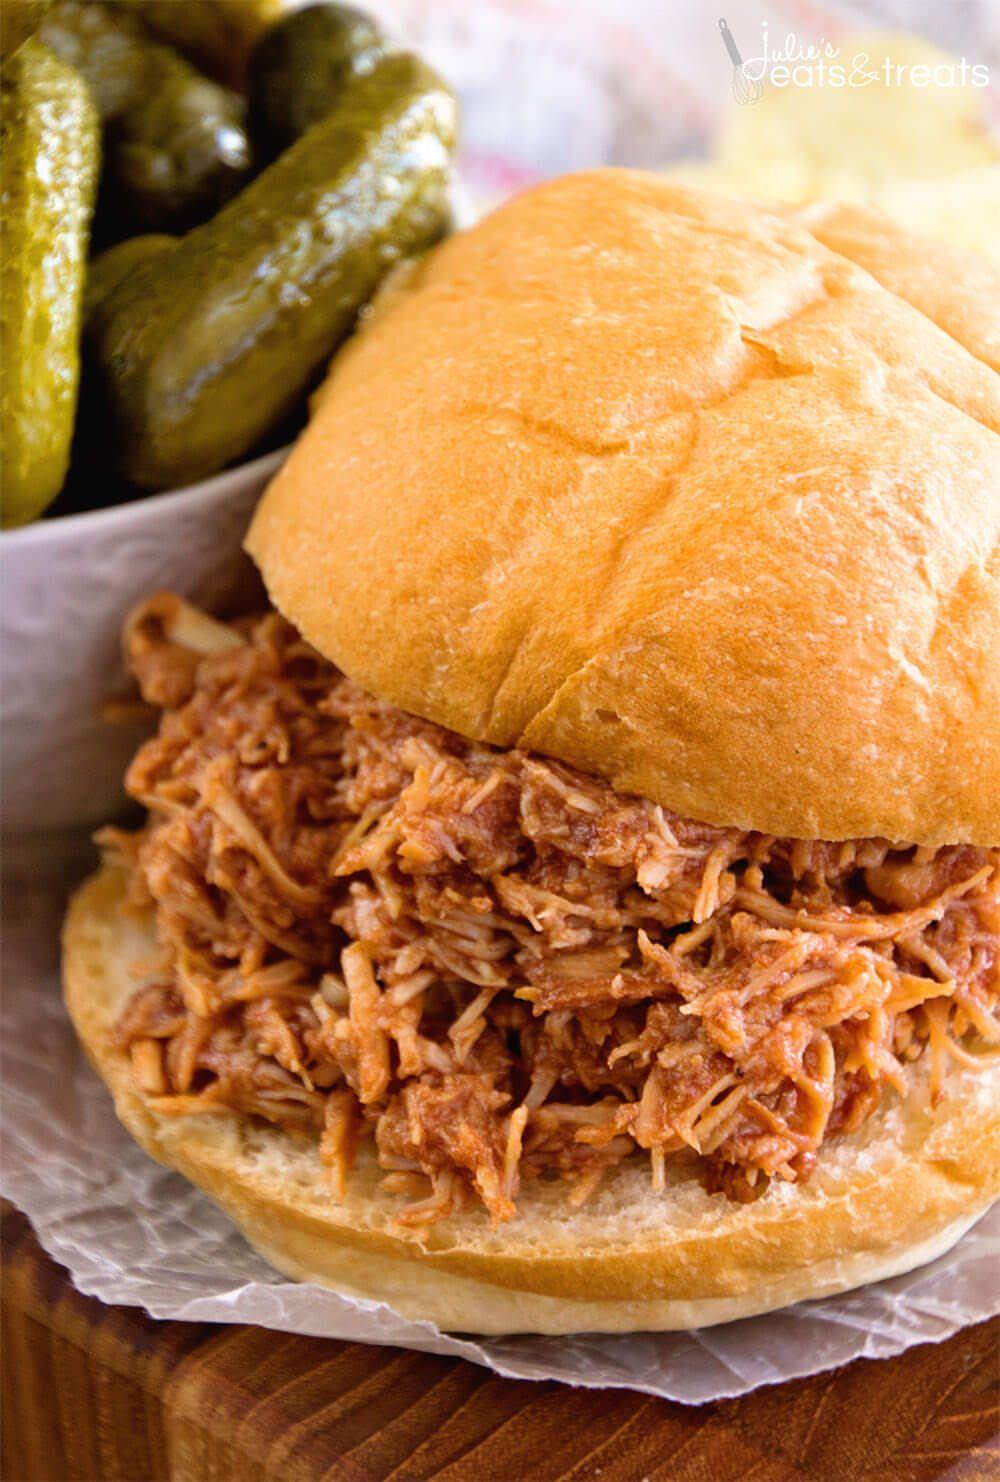 Crock Pot Smokey Bbq Shredded Chicken Sandwiches Easy Shredded Chicken Sandwiches In Your Slow